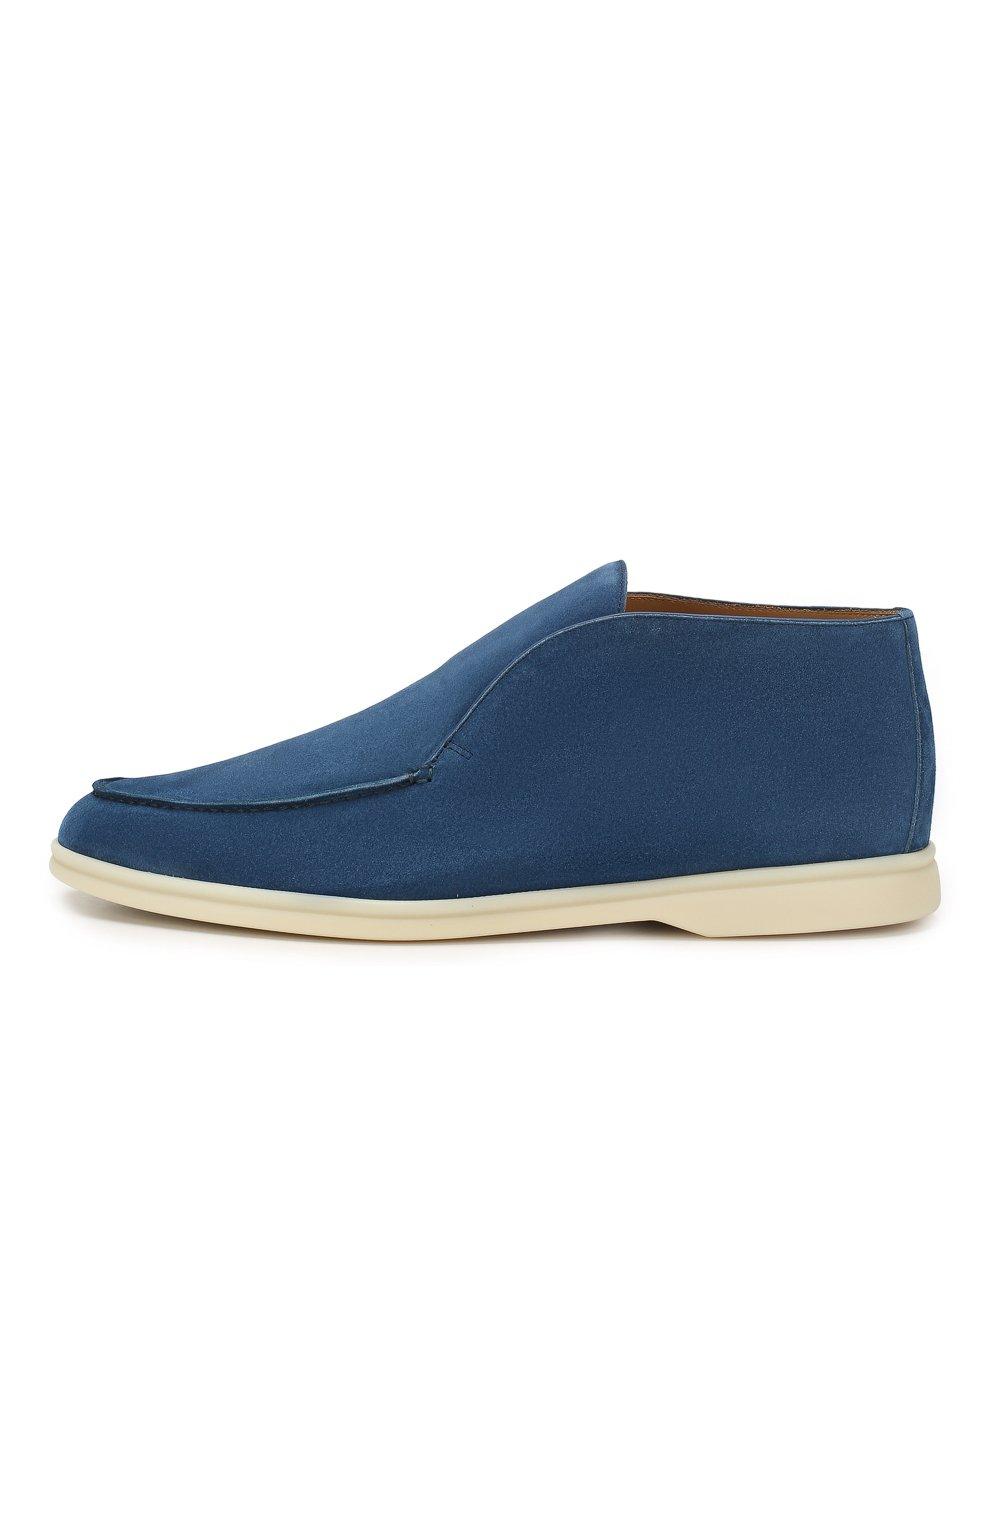 Мужские замшевые ботинки open walk LORO PIANA темно-синего цвета, арт. FAB4368   Фото 3 (Мужское Кросс-КТ: Ботинки-обувь; Материал внутренний: Натуральная кожа; Подошва: Плоская; Материал внешний: Замша)